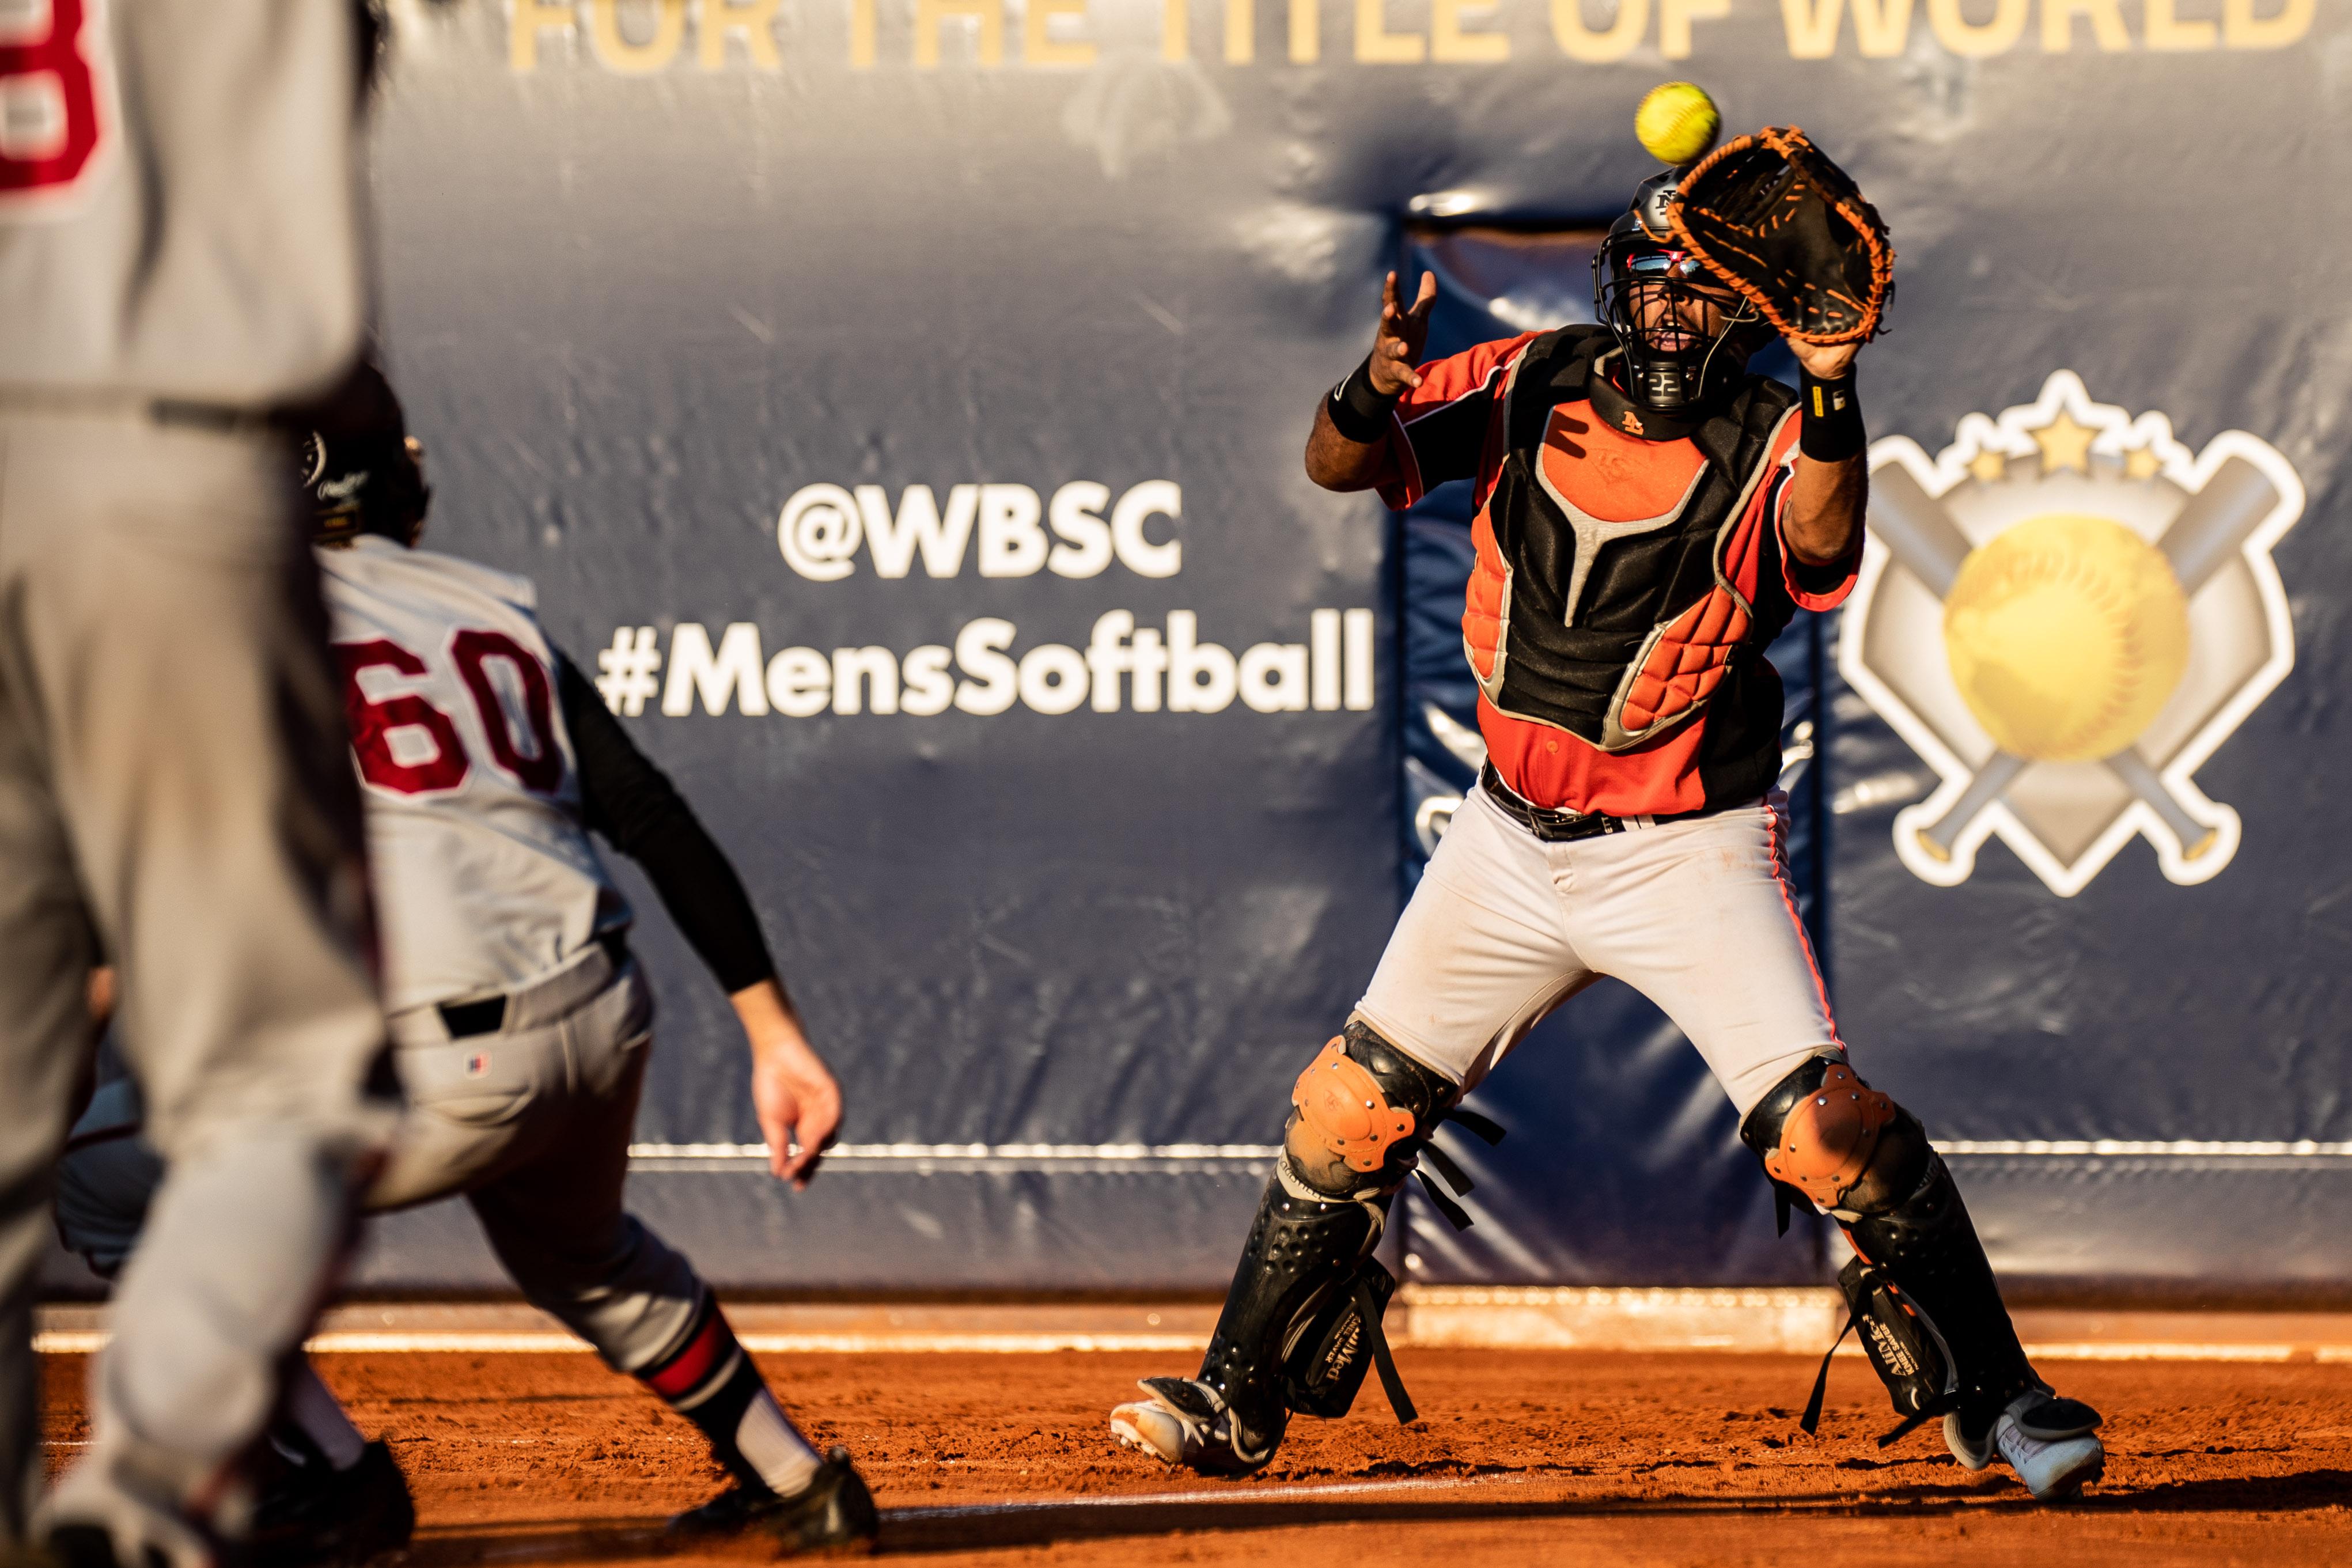 WBSC Game Media - 1